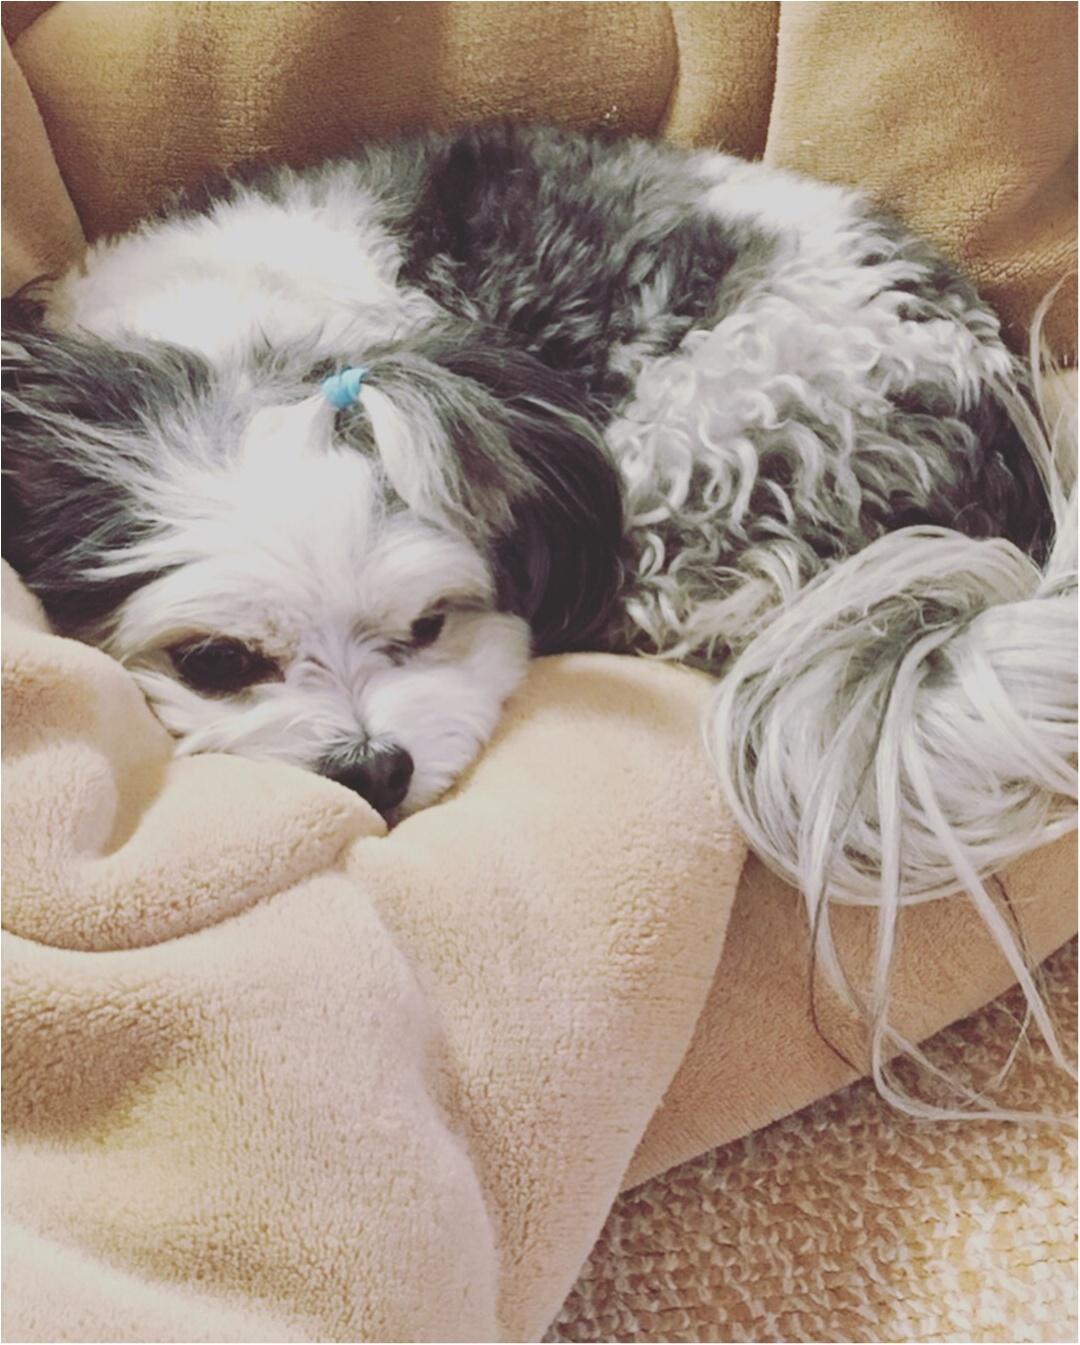 【今日のわんこ】ぬくぬく♡ 太郎くんはふわふわ毛布でおねんね_1